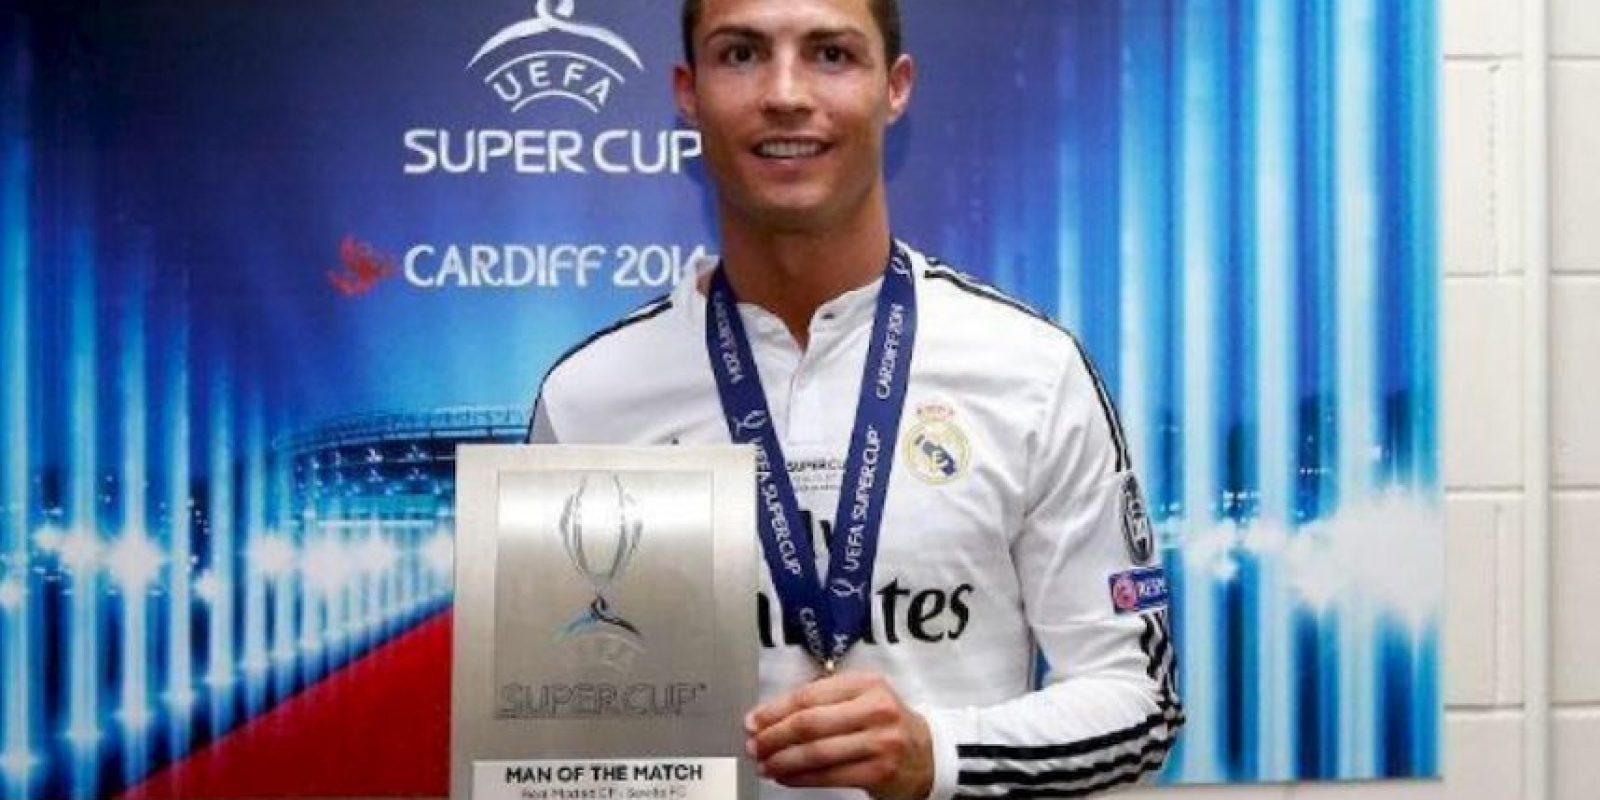 Jugador del partido de la Supercopa de la UEFA. Foto:twitter.com/realmadrid